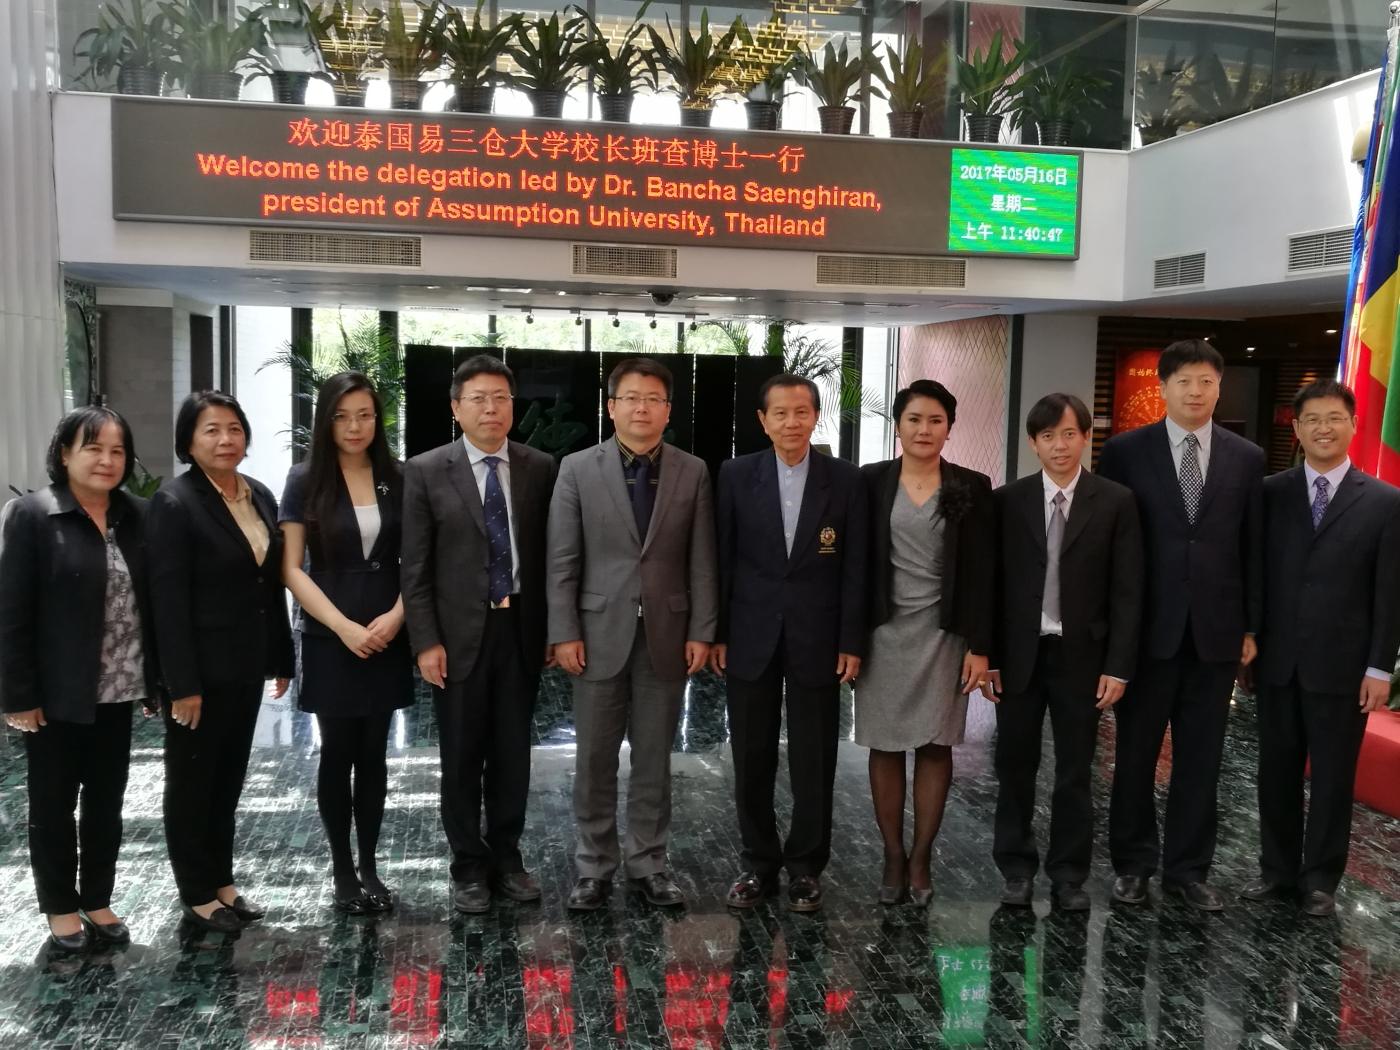 教育官员团访问孔子学院总部/国家汉办